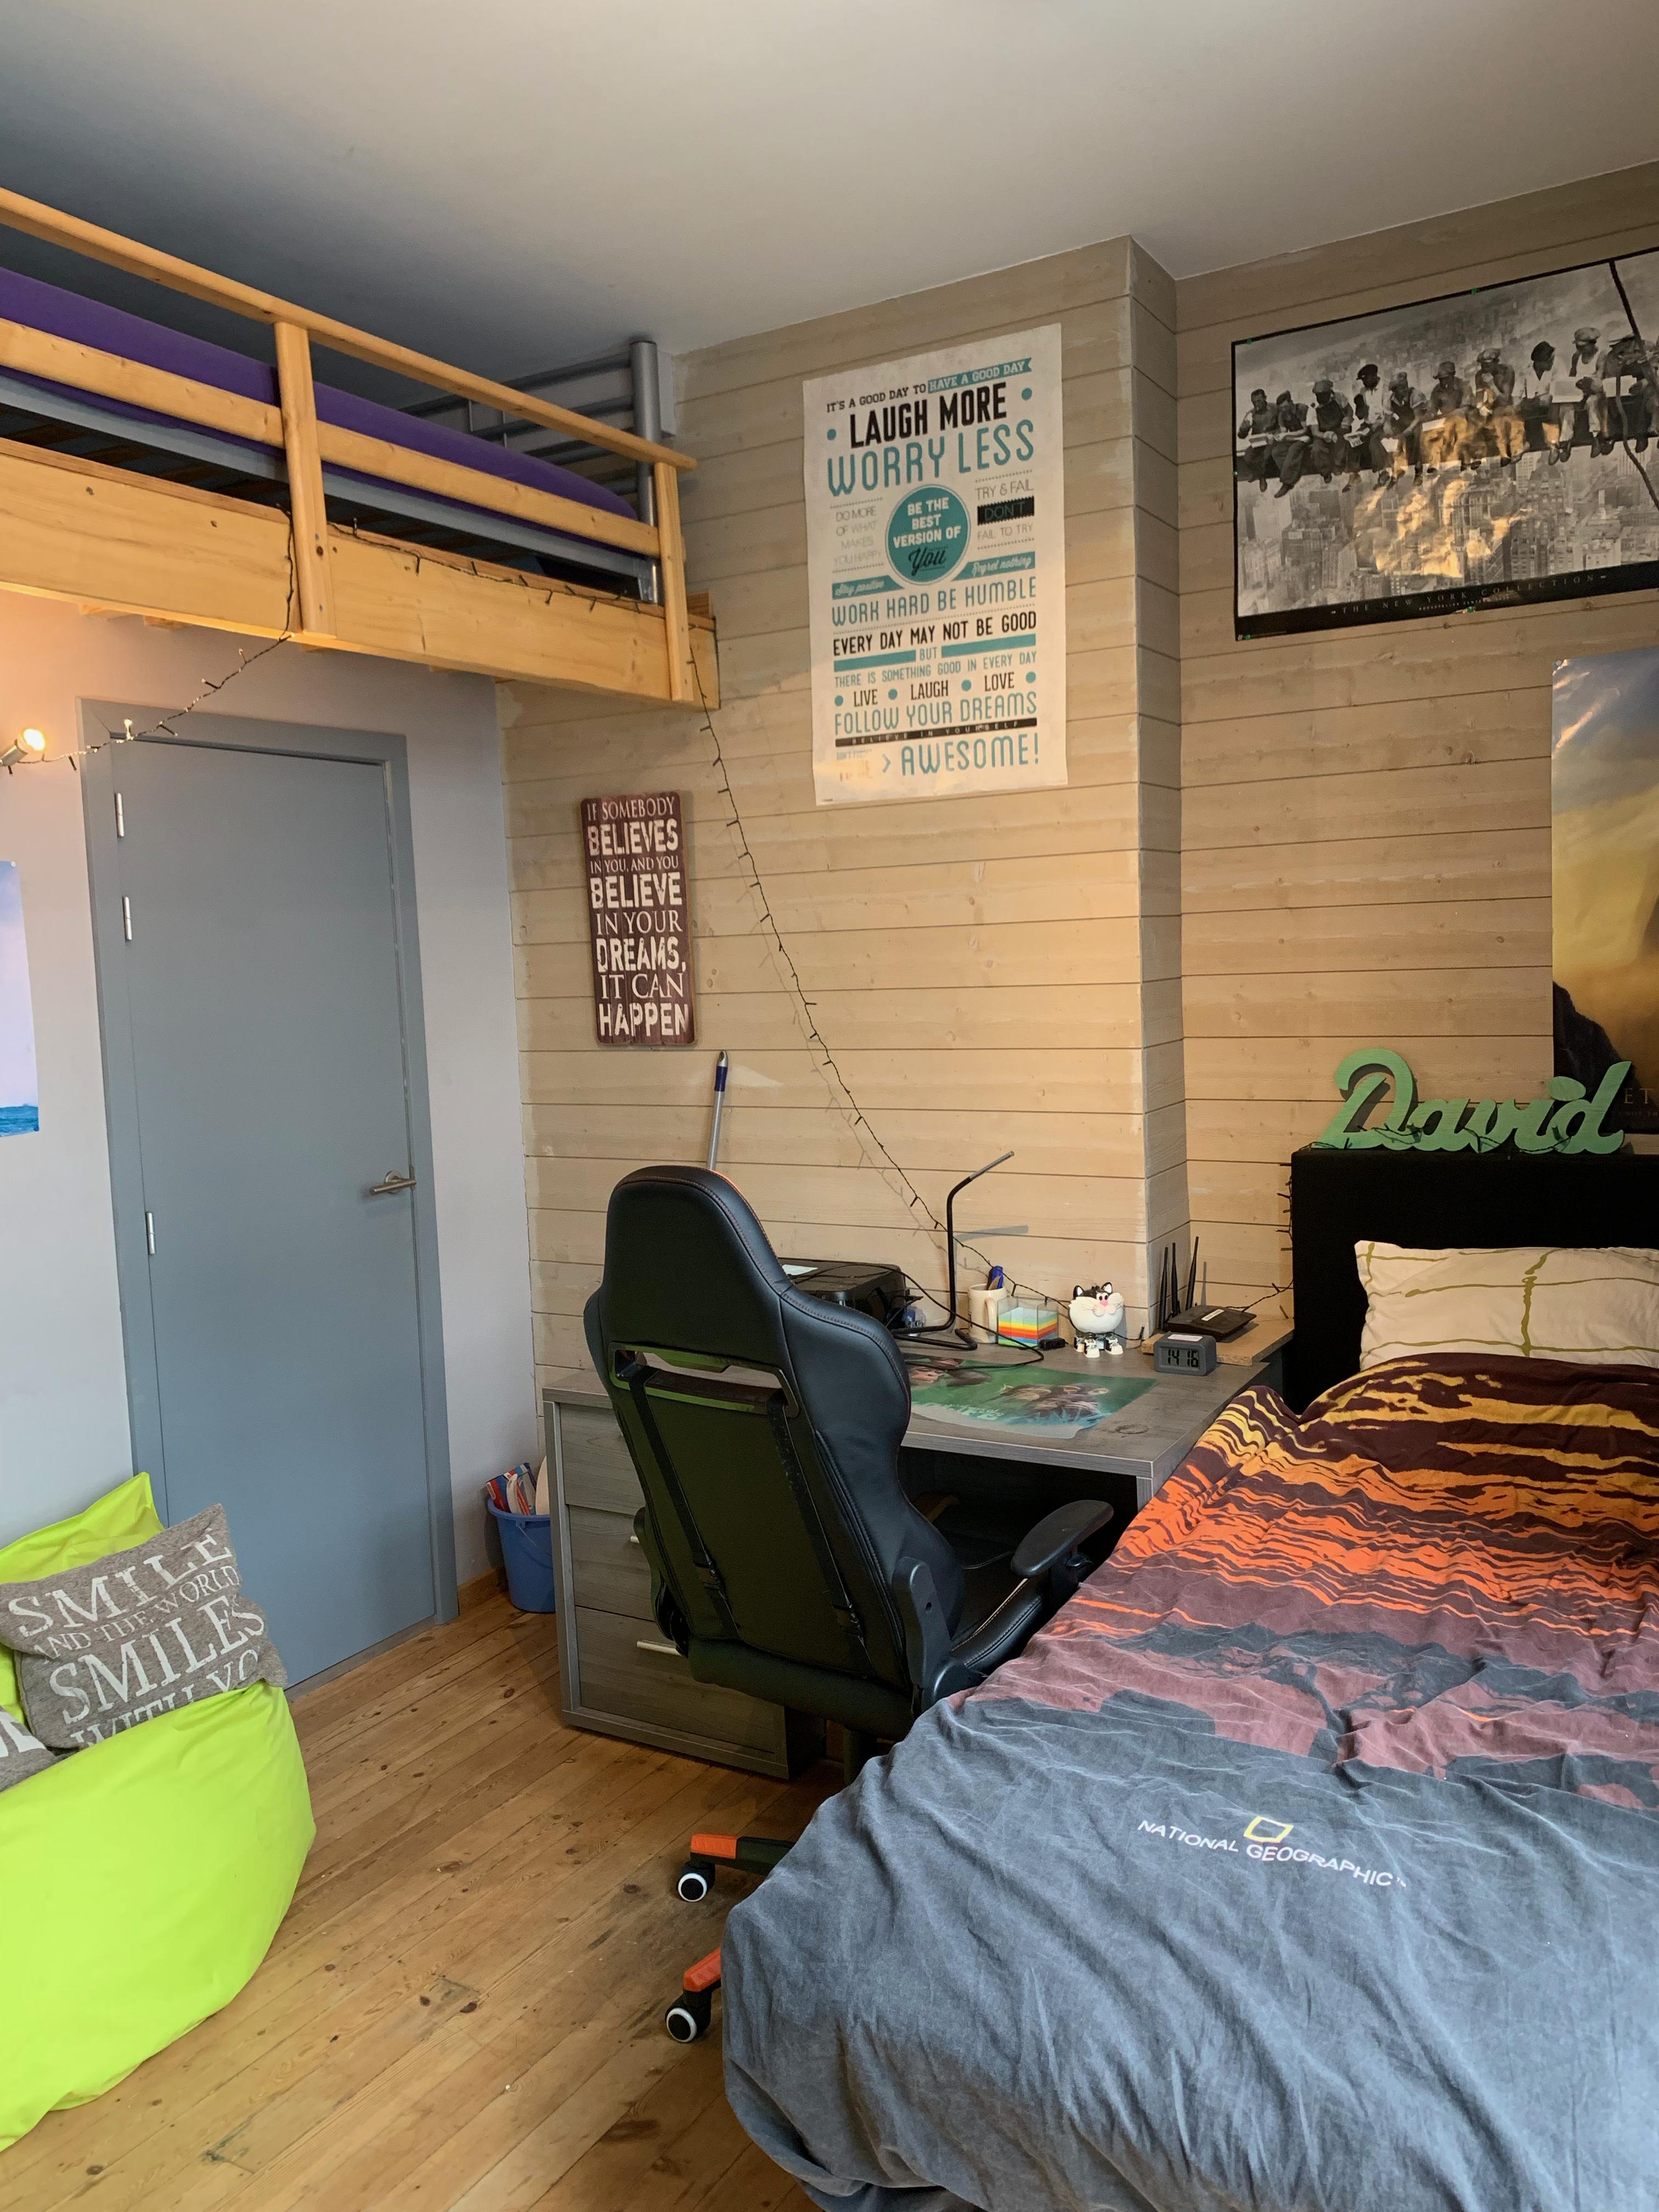 DB3-0202 - bureau, bed